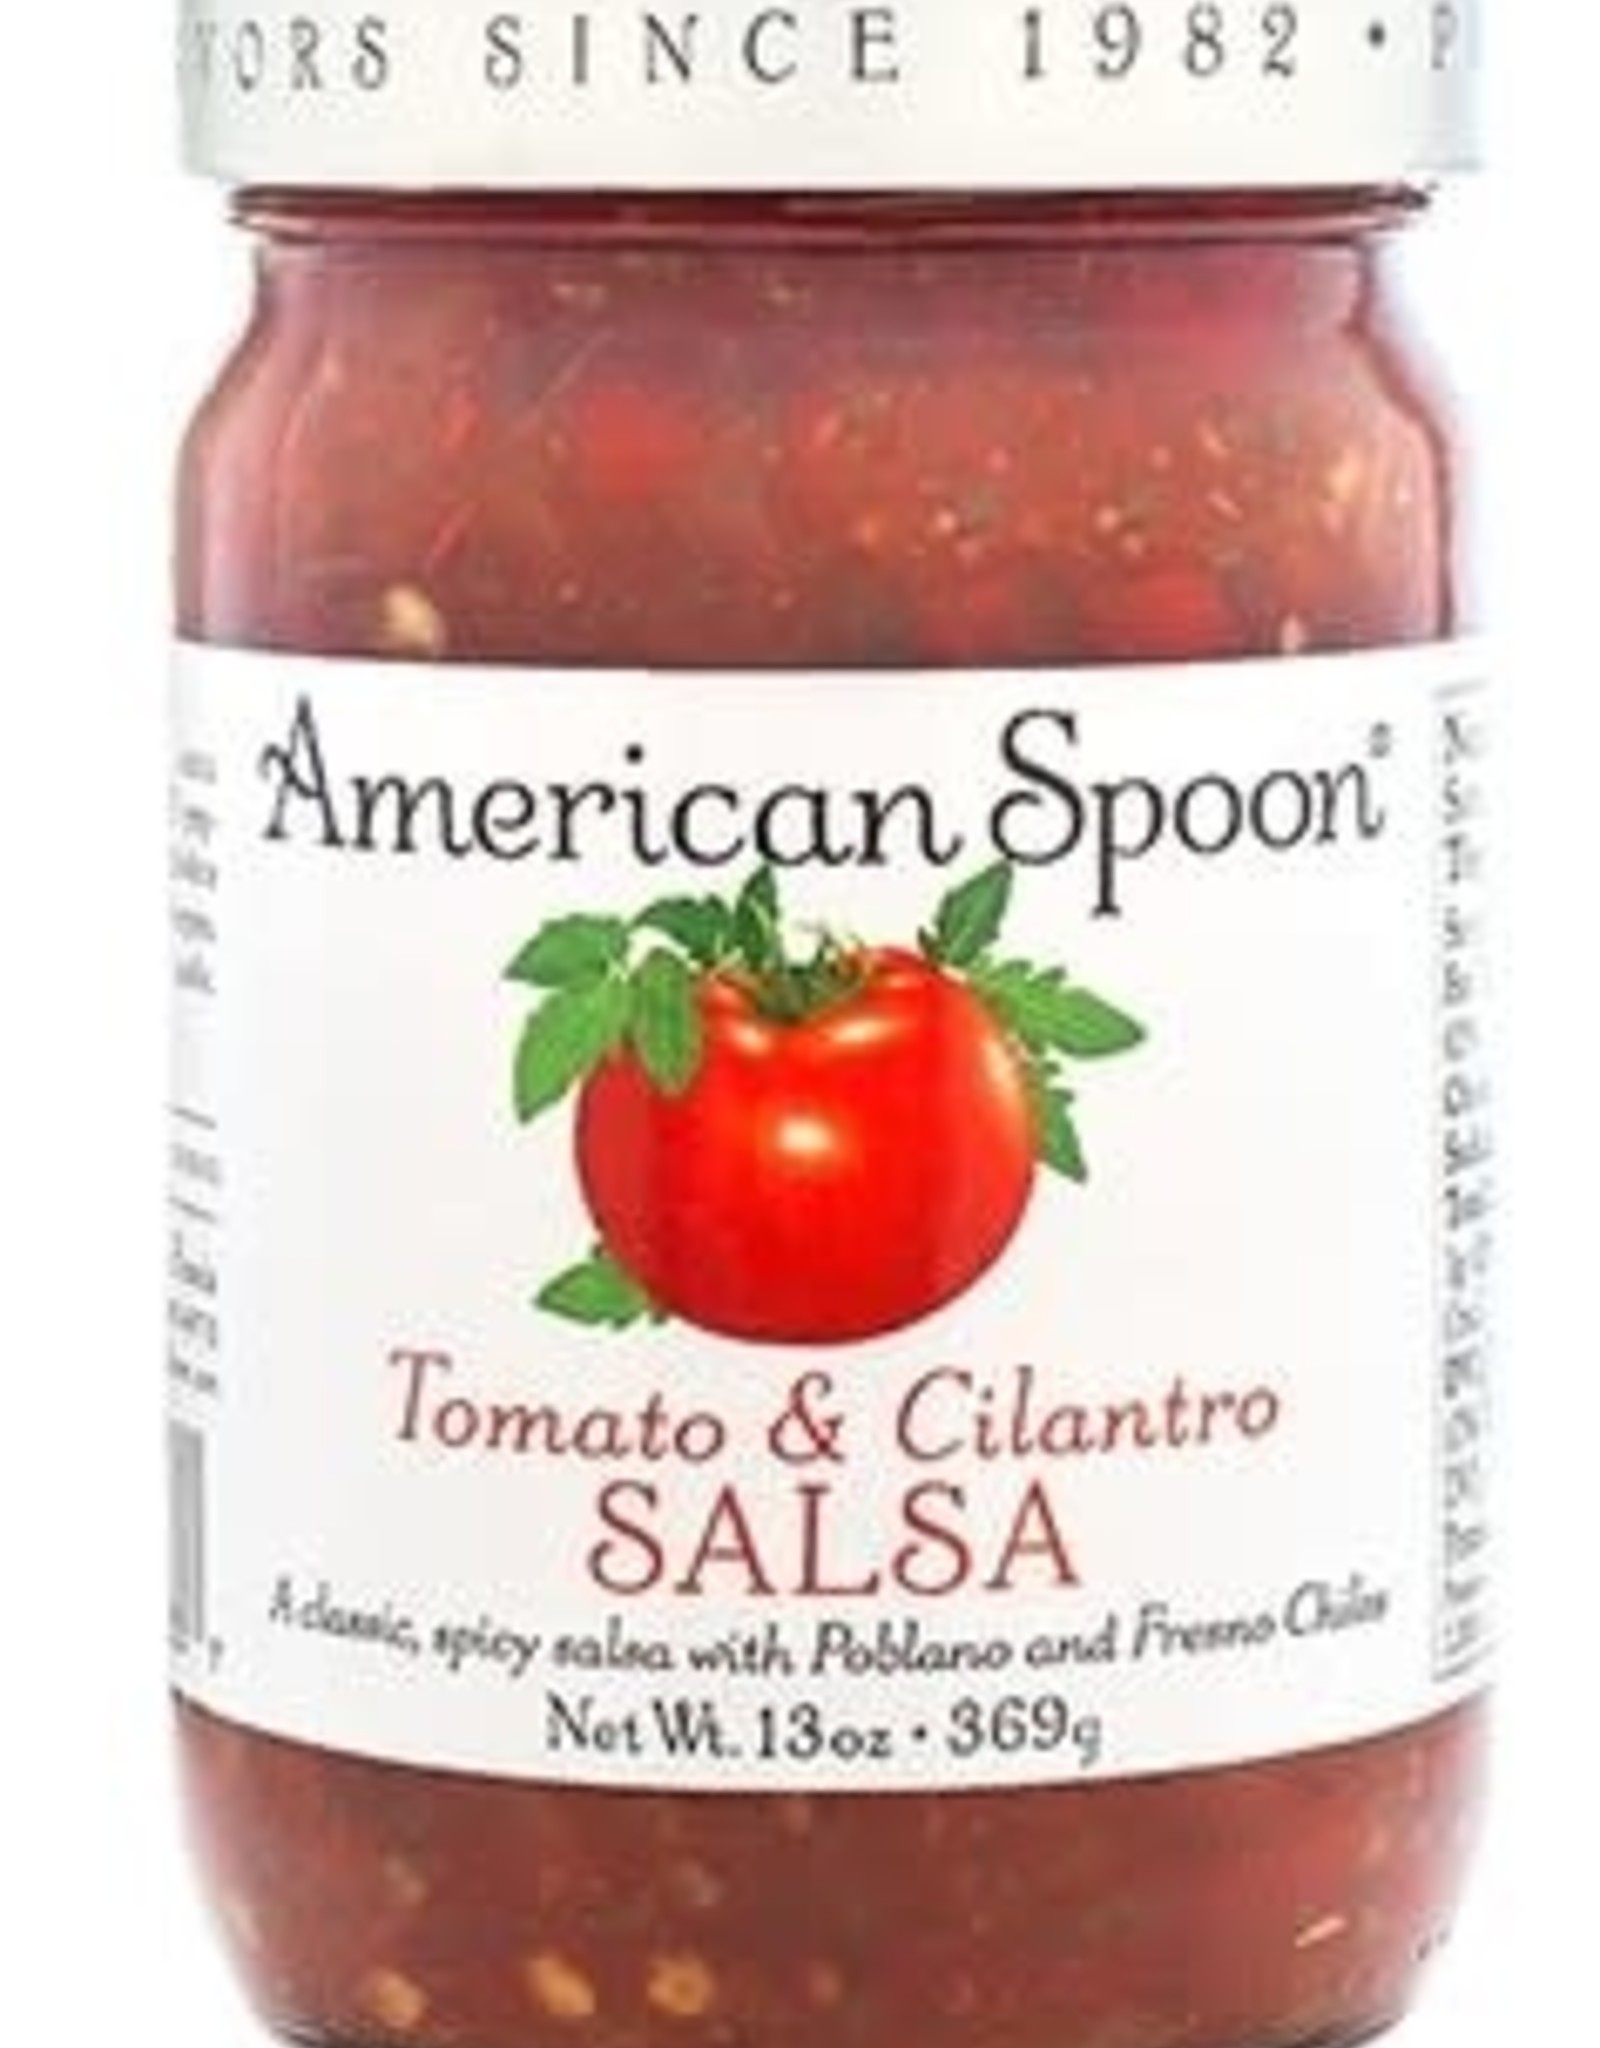 American Spoon AMERICAN SPOON TOMATO & CILANTRO SALSA